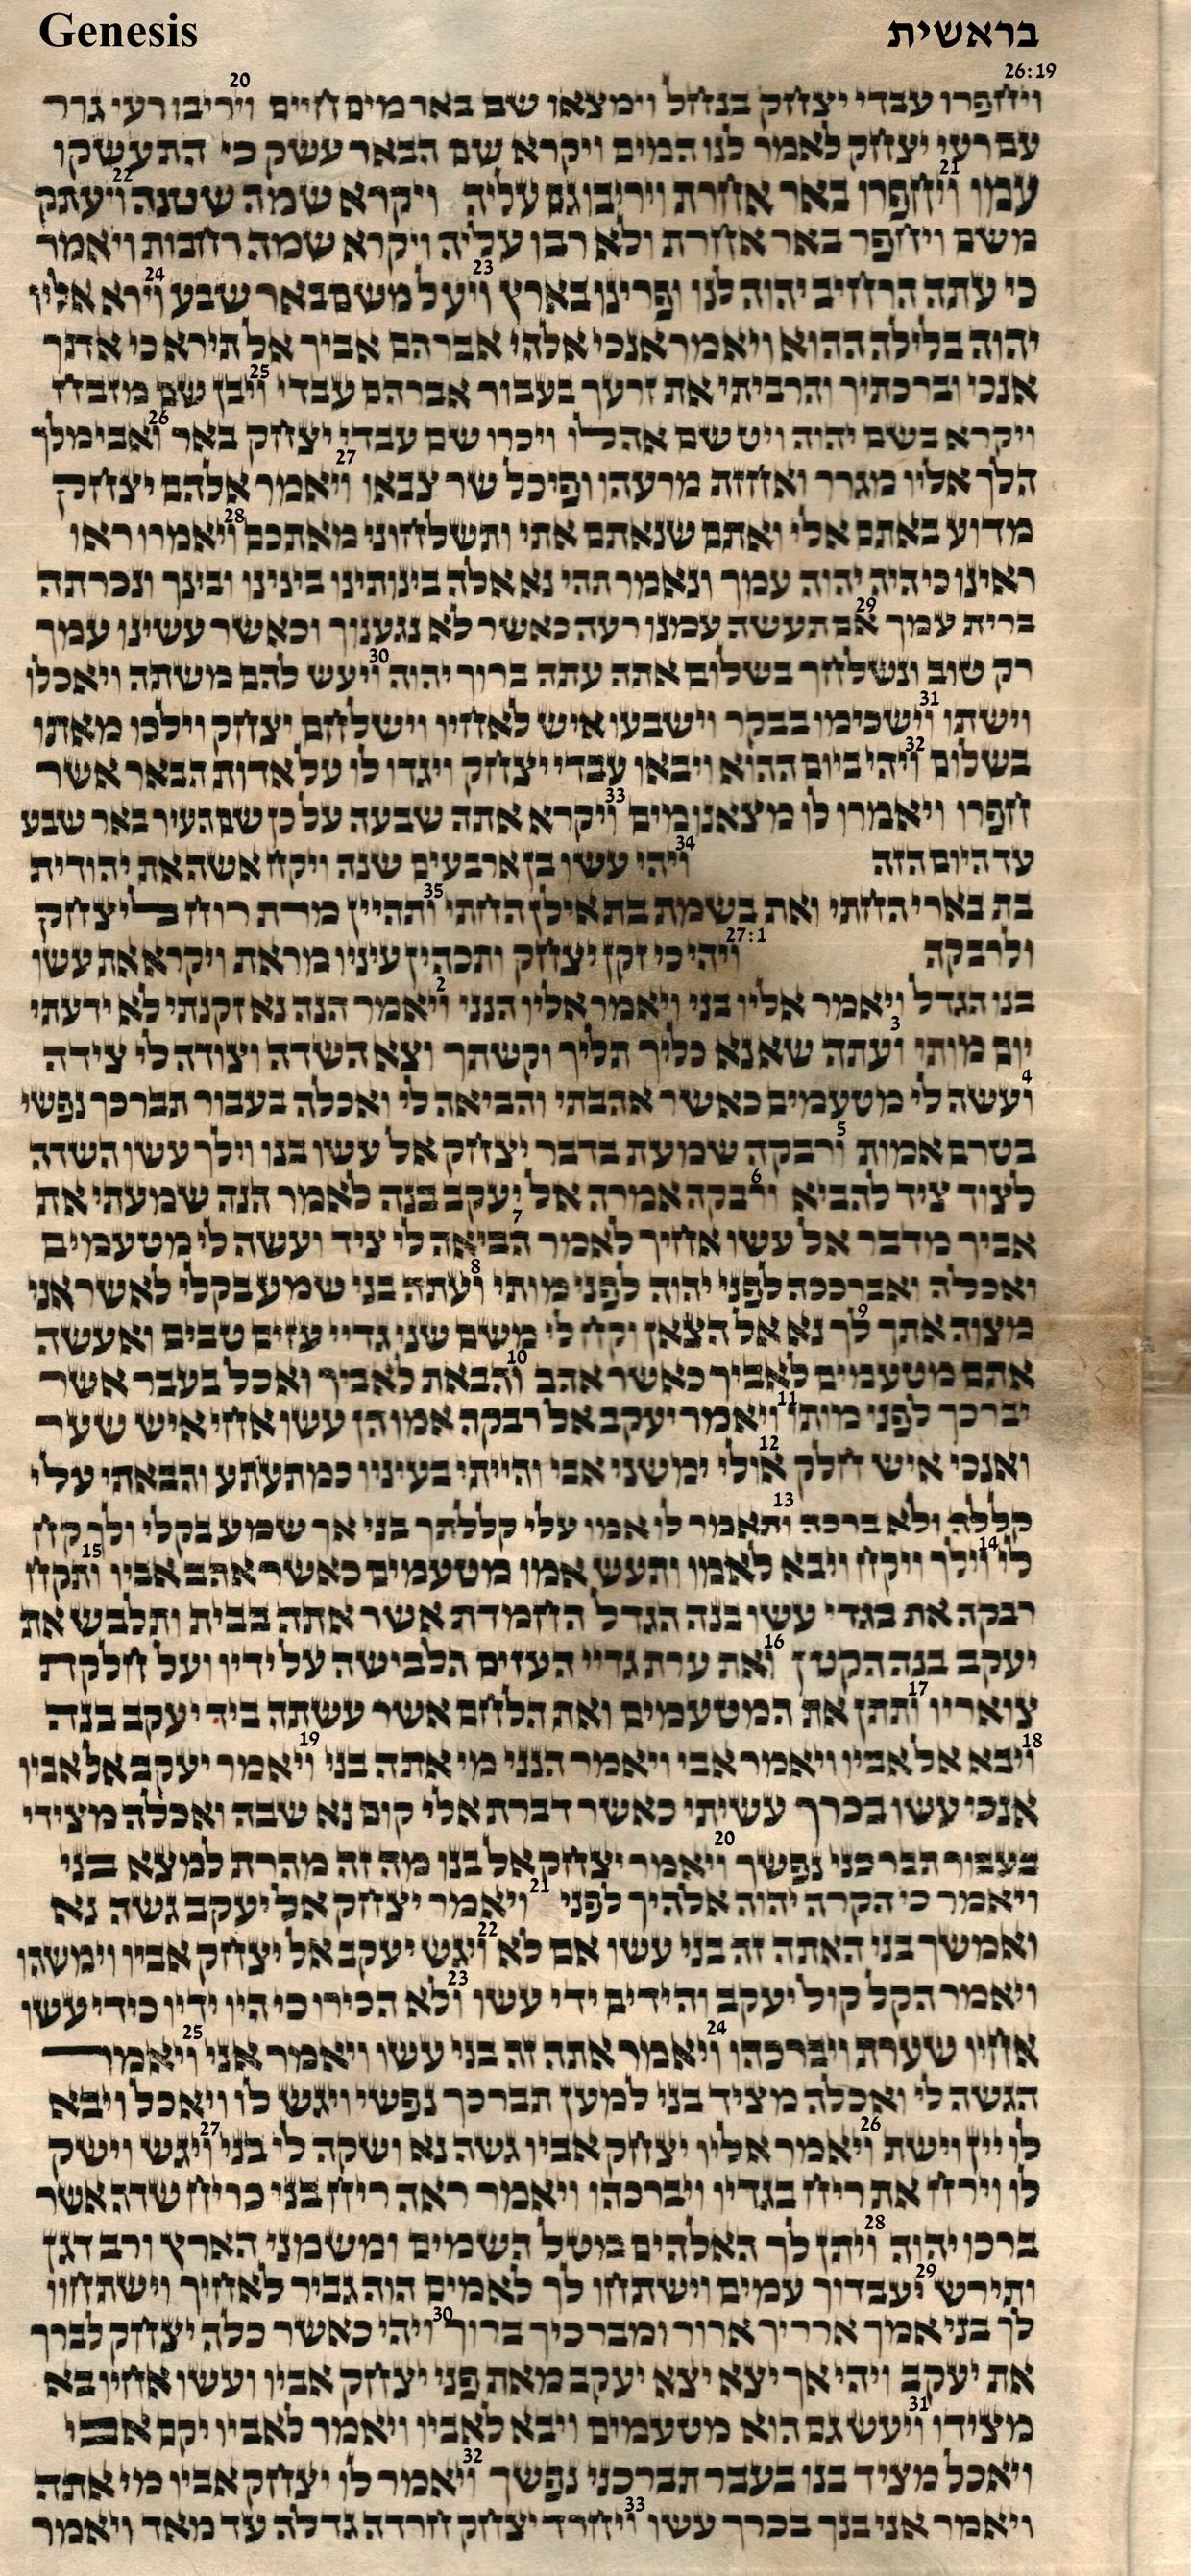 Genesis 26.19 - 27.33